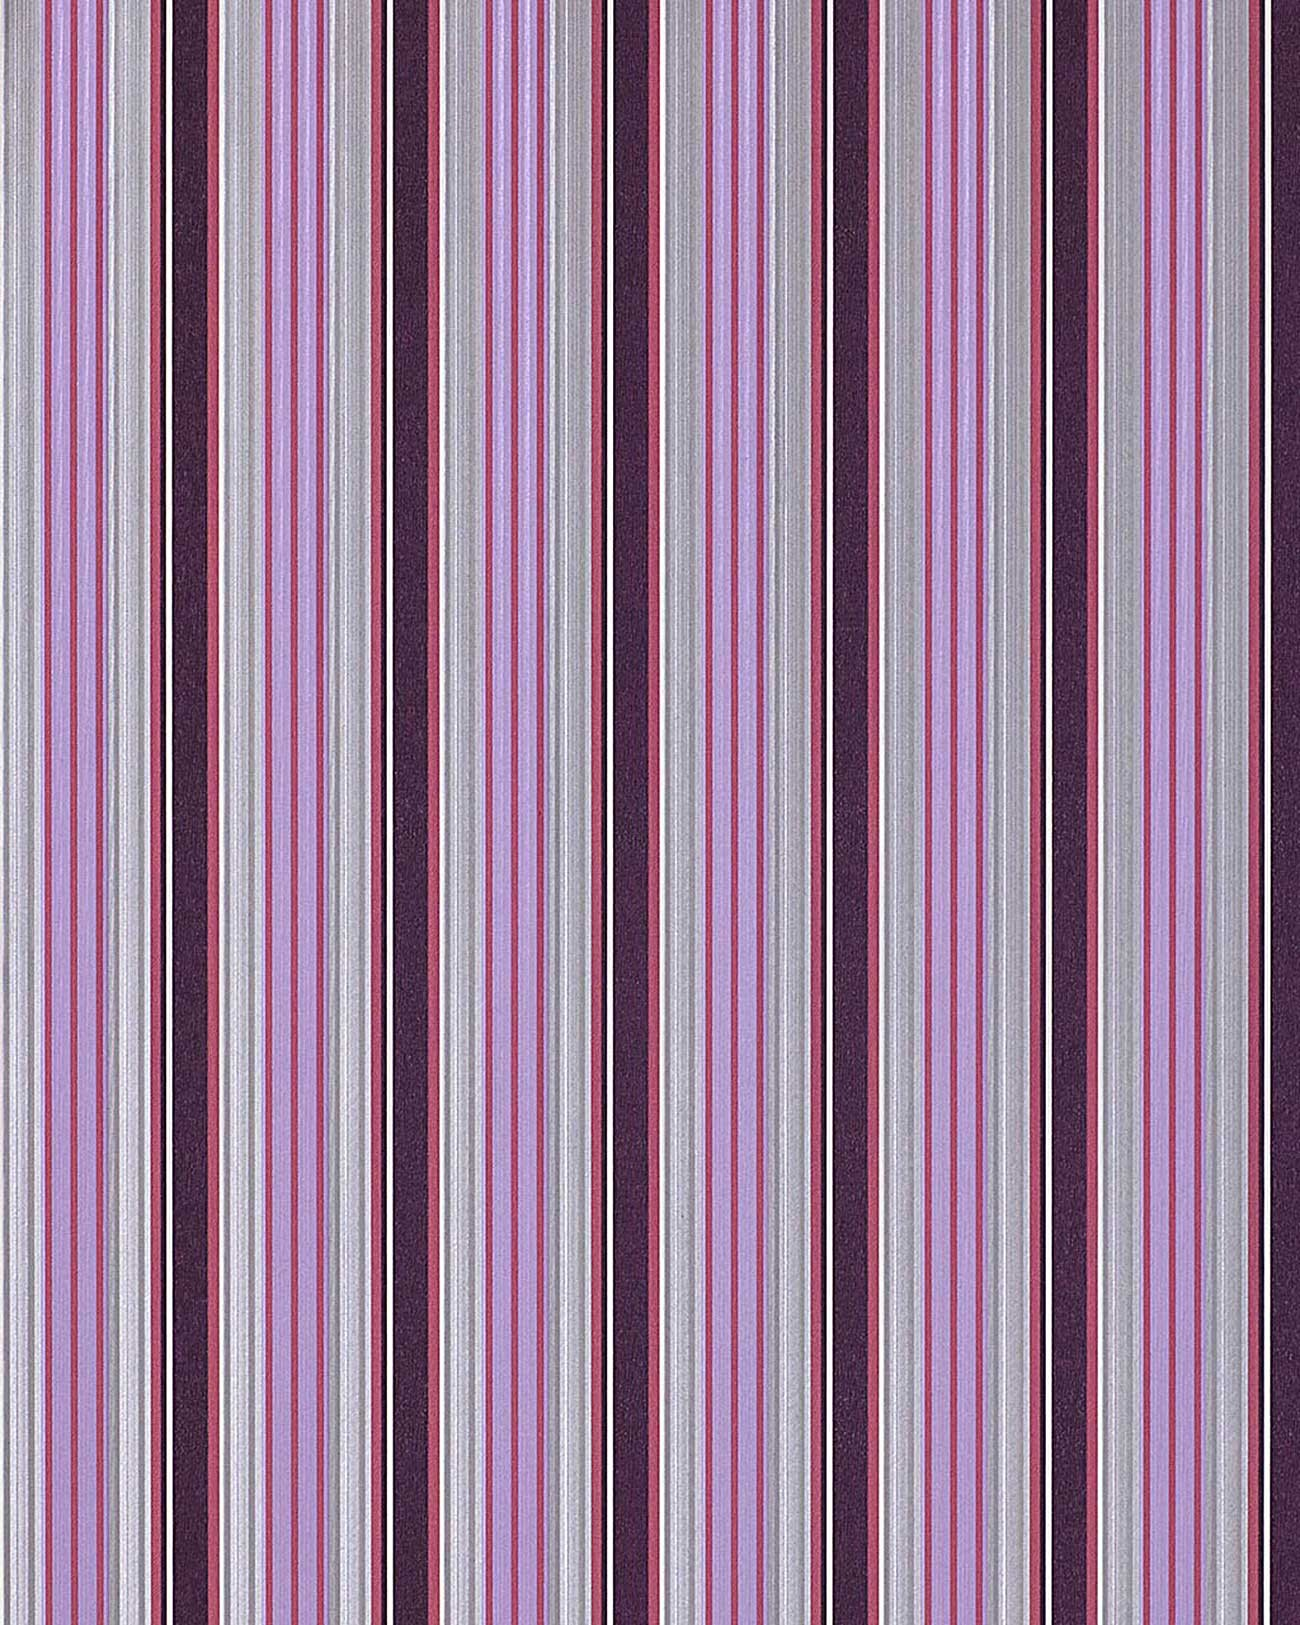 Edem 825 29 deluxe pr ge streifen tapete violett lila for Tapete lila silber